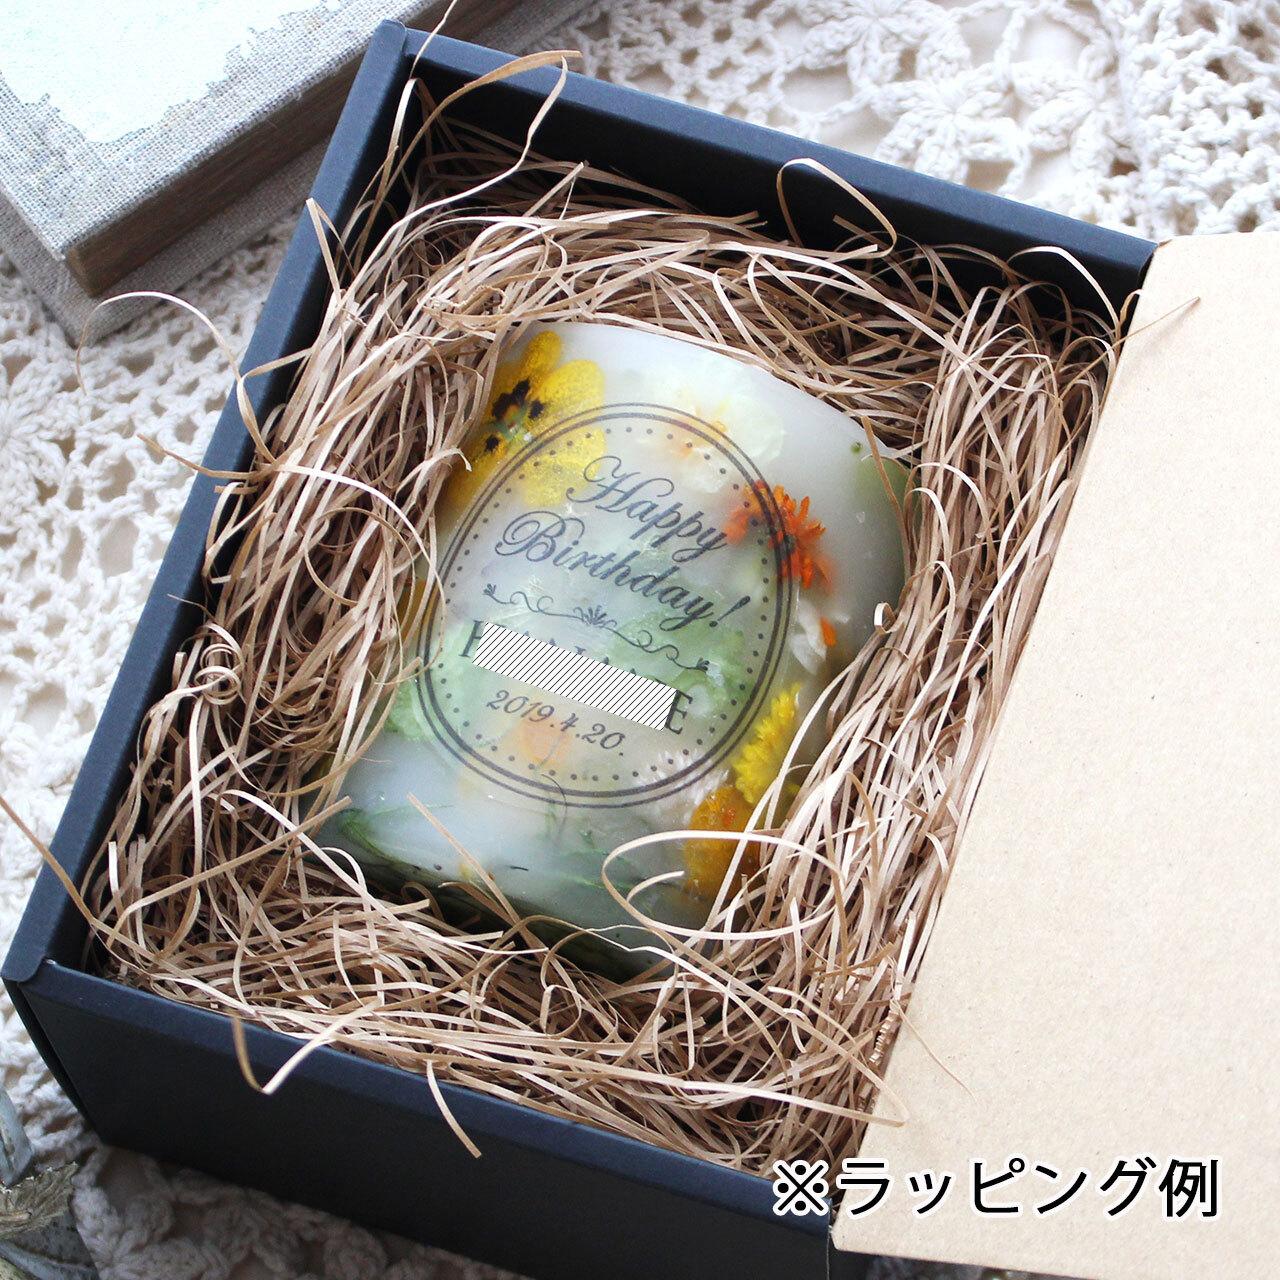 NC277 ギフトラッピング付き☆メッセージ&日付&名入れボタニカルキャンドル ローズ